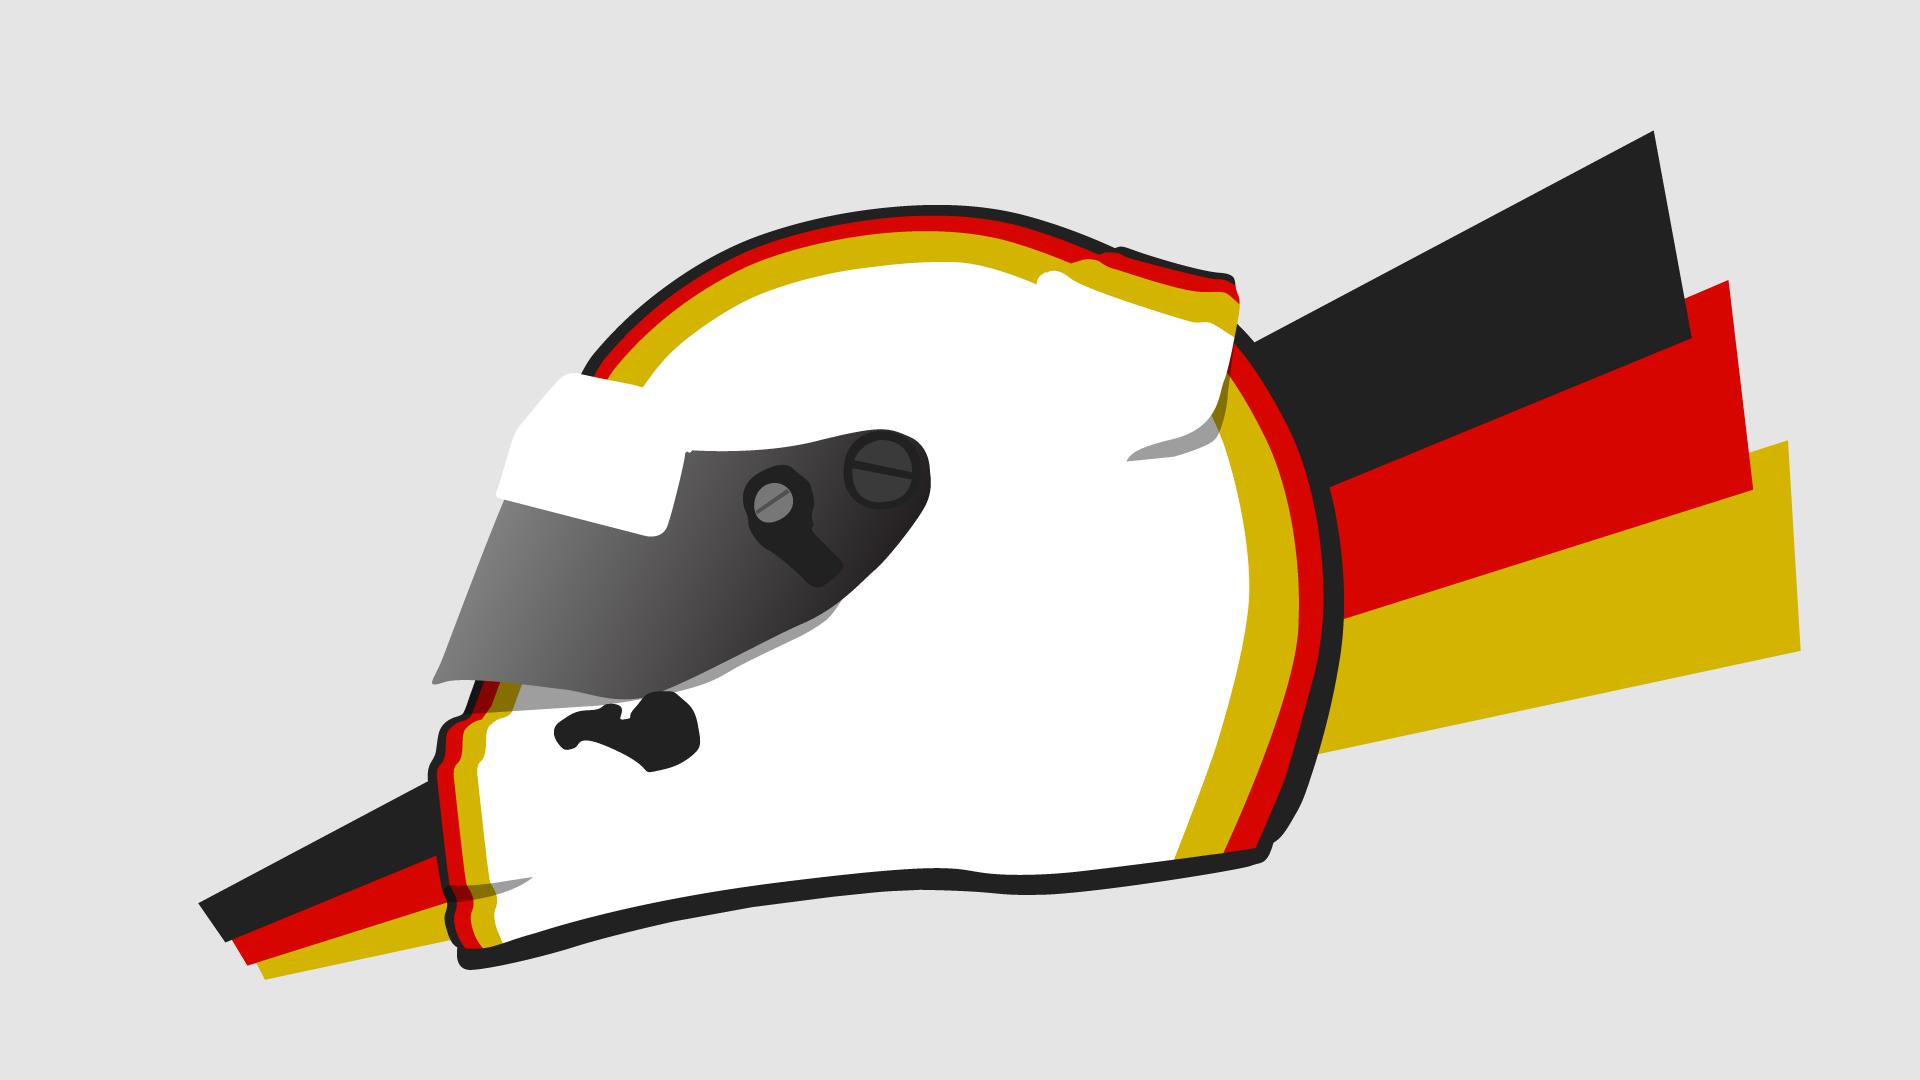 Sebastian vettel clipart clip royalty free stock Design: Sebastian Vettel\'s 2015 Ferrari helmet | FelixDicit clip royalty free stock